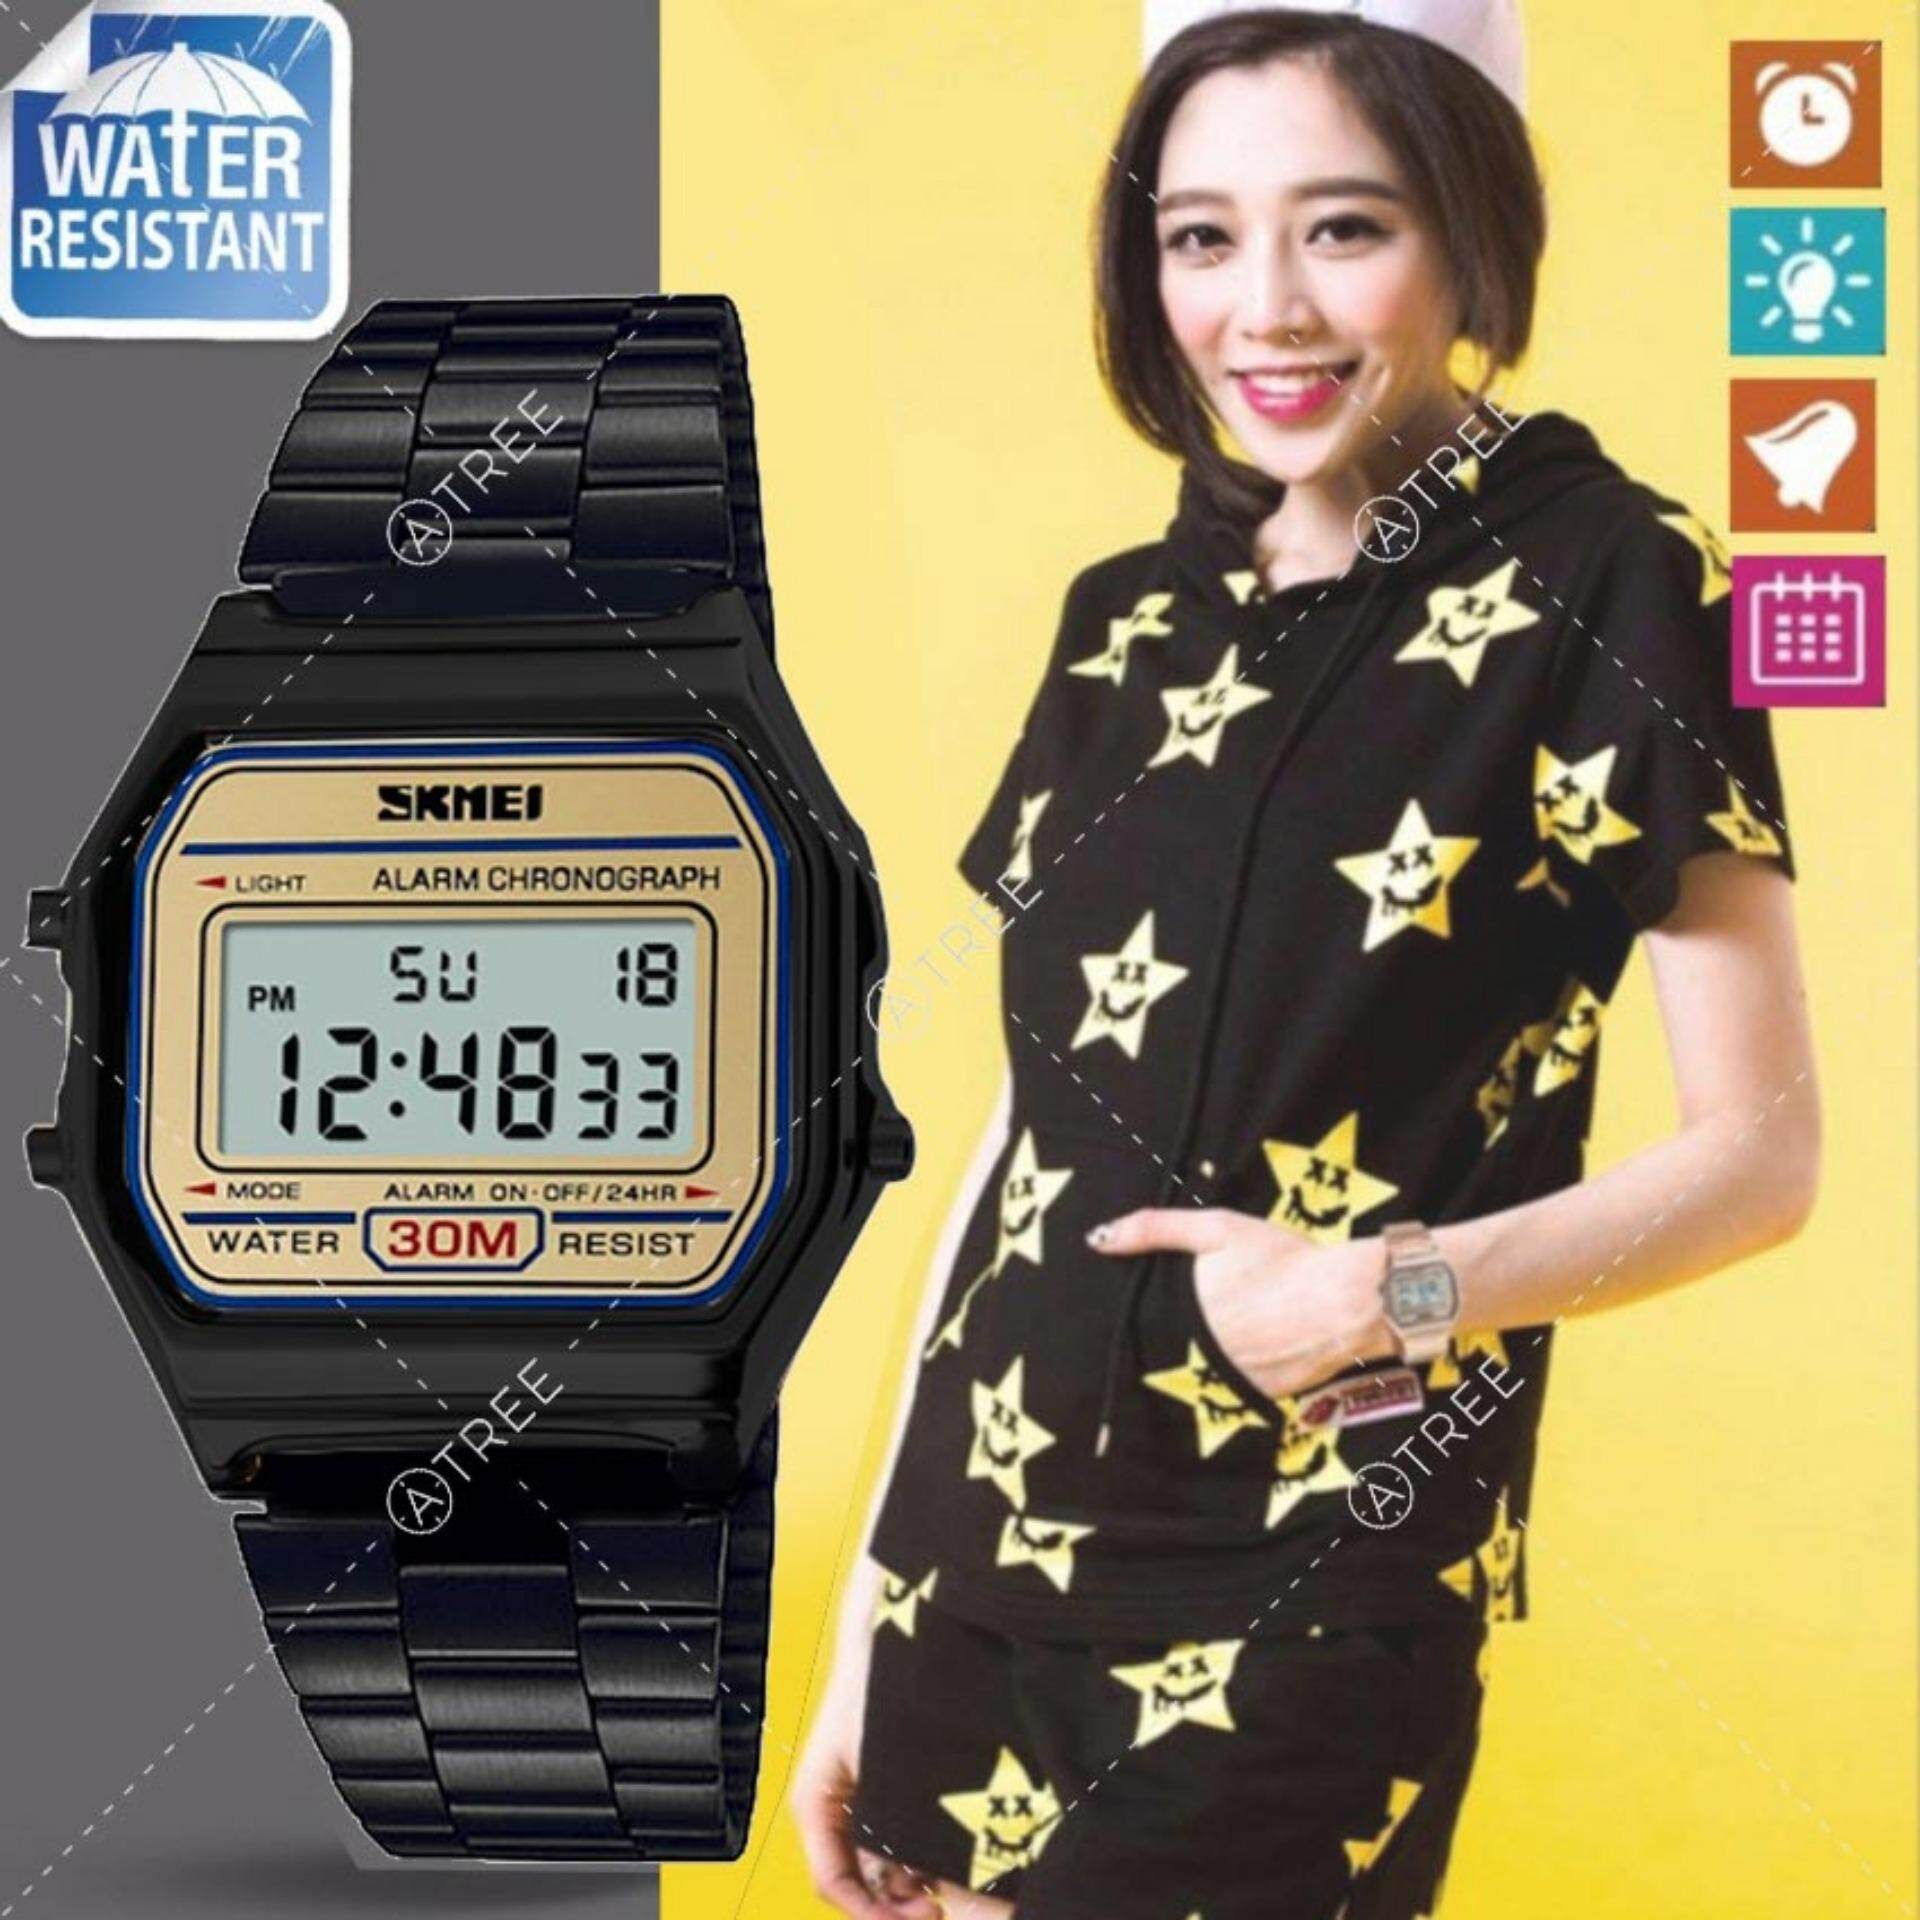 SKMEI ของแท้ 100% ส่งในไทยไวแน่นอน นาฬิกาข้อมือผู้หญิง สไตล์ Casual Bussiness Watch จับเวลา ตั้งปลุกได้ ไฟ LED ส่องสว่าง สายแสตนเลสสีดำ รุ่น SK-M1123 สีดำ (Black)